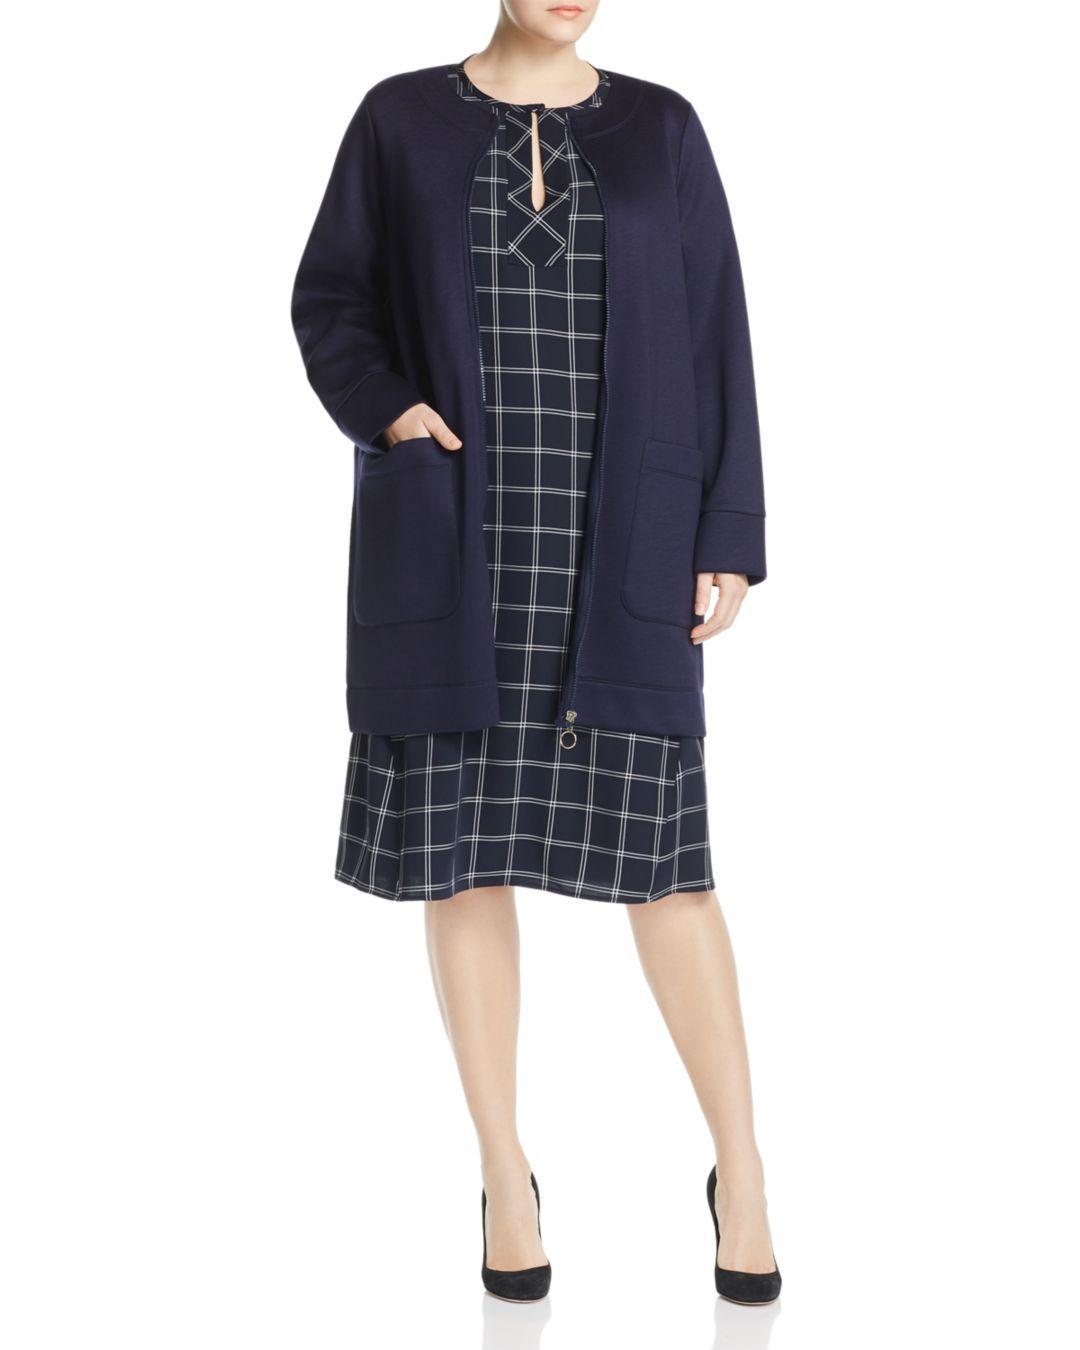 Lyst - Marina Rinaldi Occupare Front-zip Coat in Blue 59fedefa78f